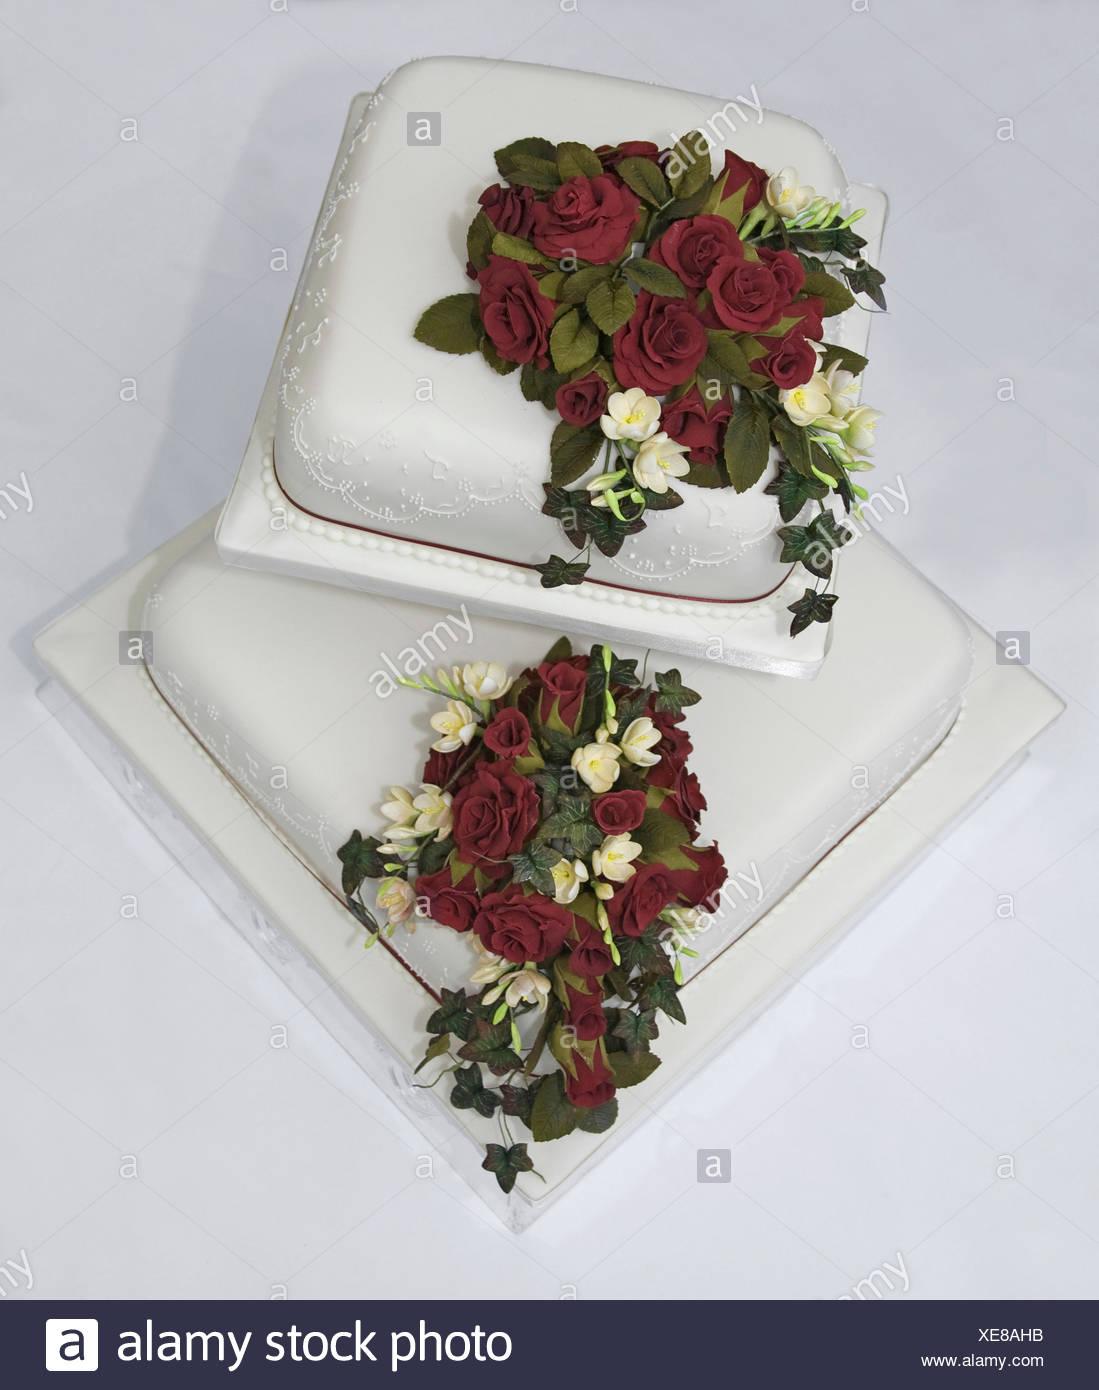 Blume Pflanze Rose Blumen Rosen Kuchen Kuchen Dekoration Torte